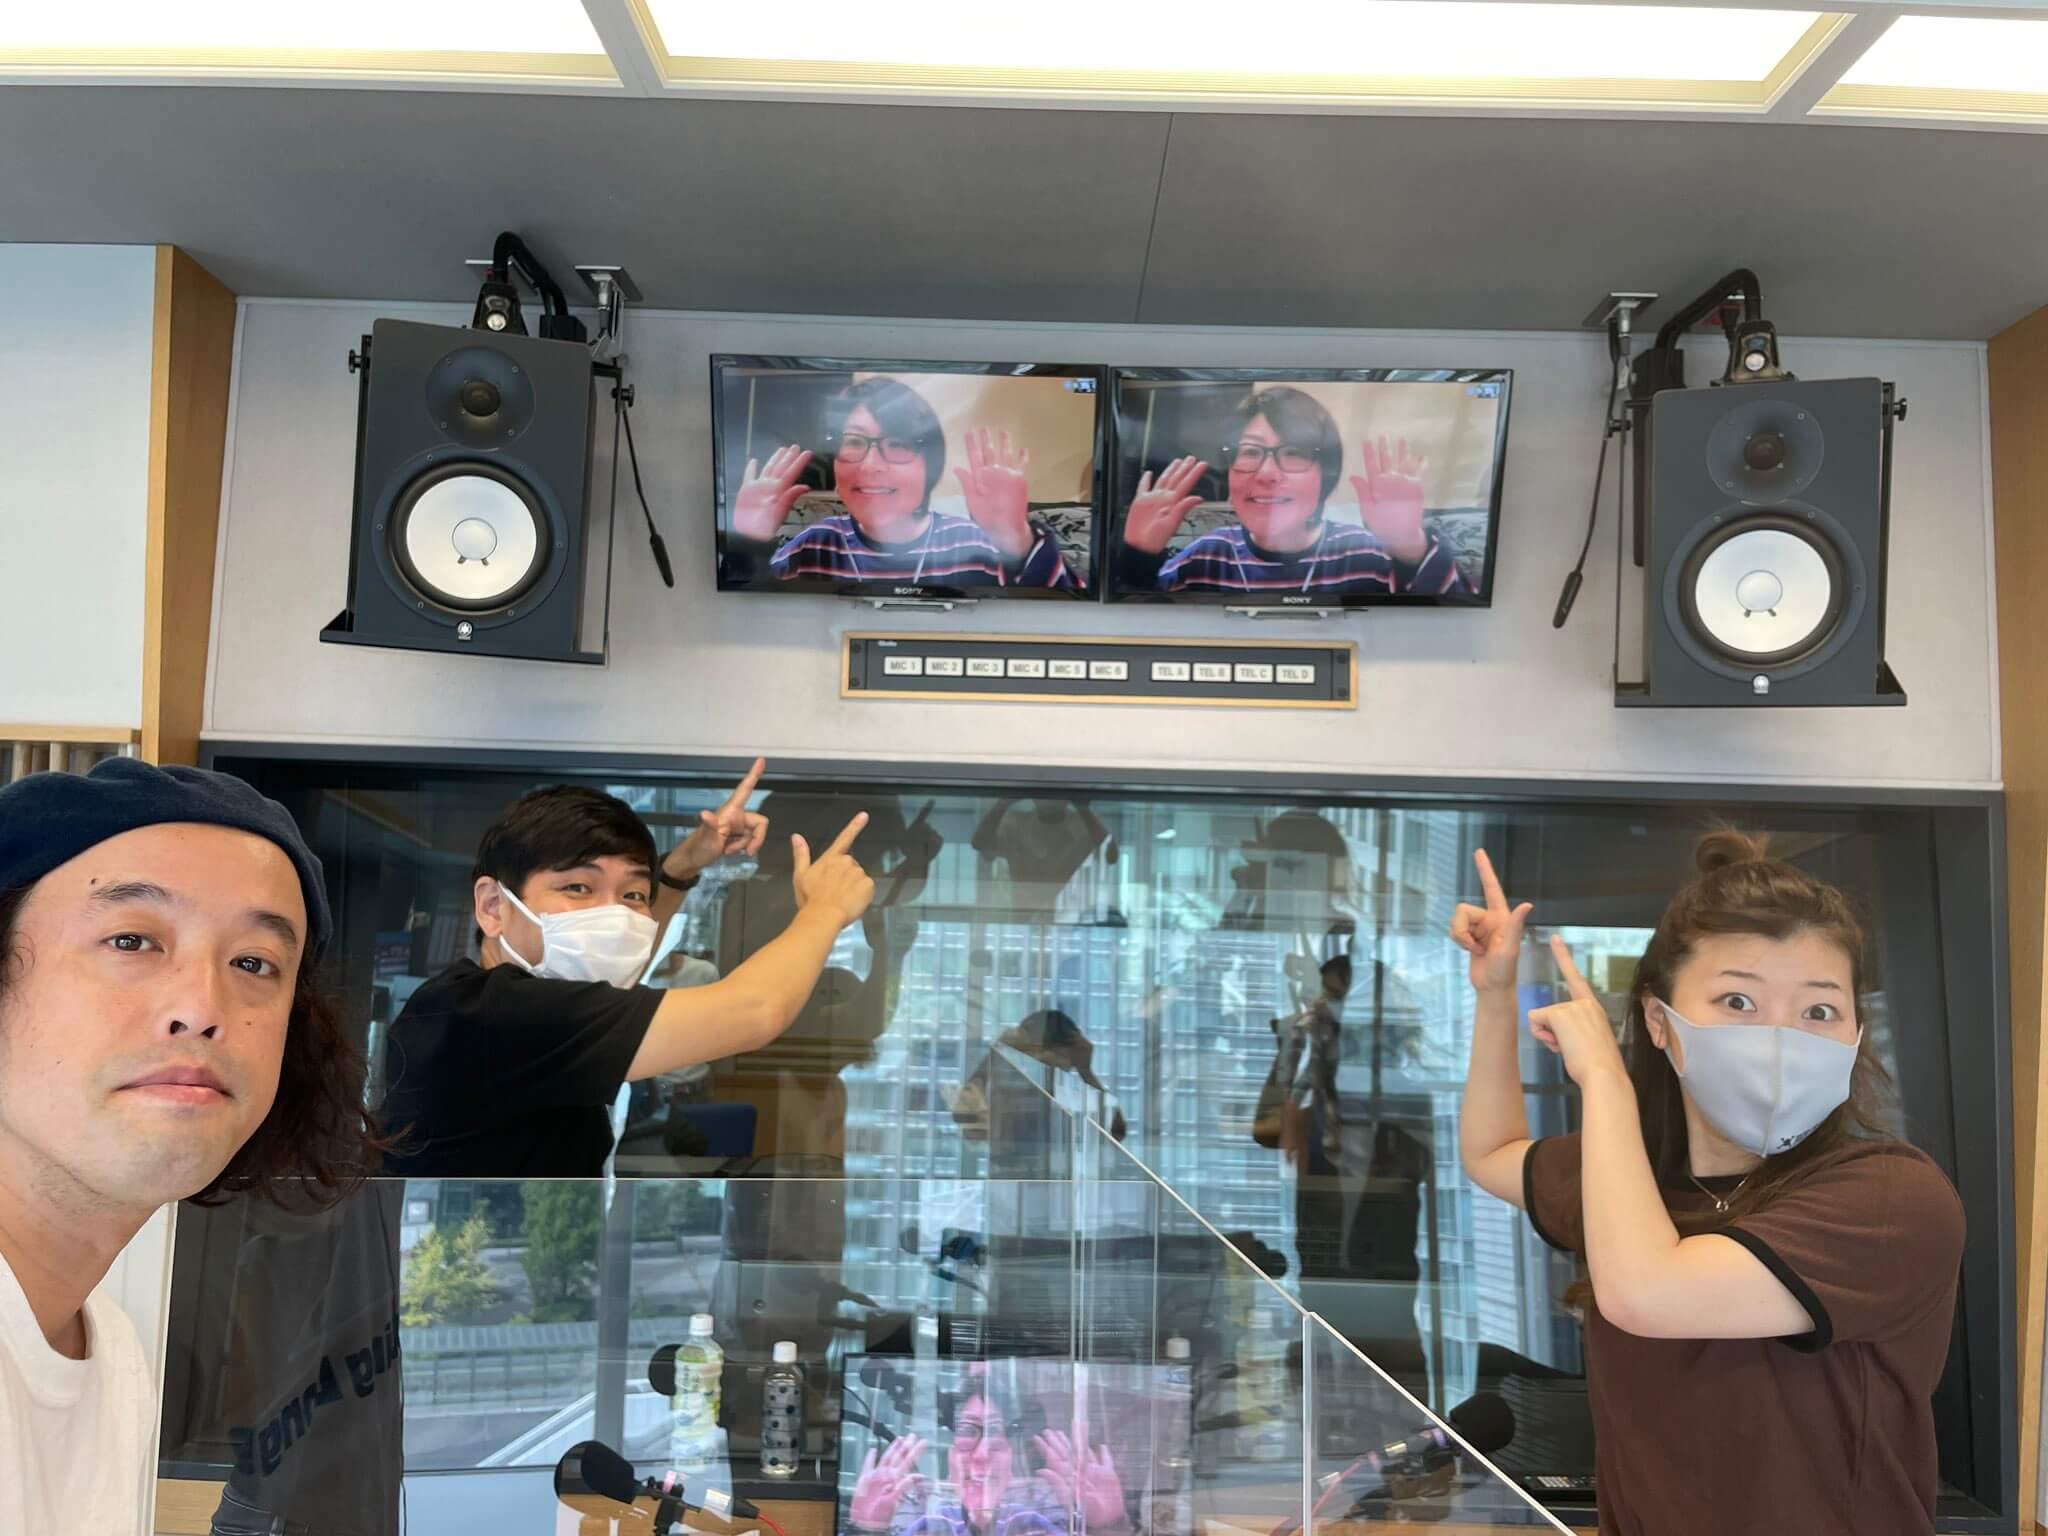 光浦靖子、カナダ留学でイジメに遭う!? 相手はまさかの……〜9月30日「大竹まこと ゴールデンラジオ」